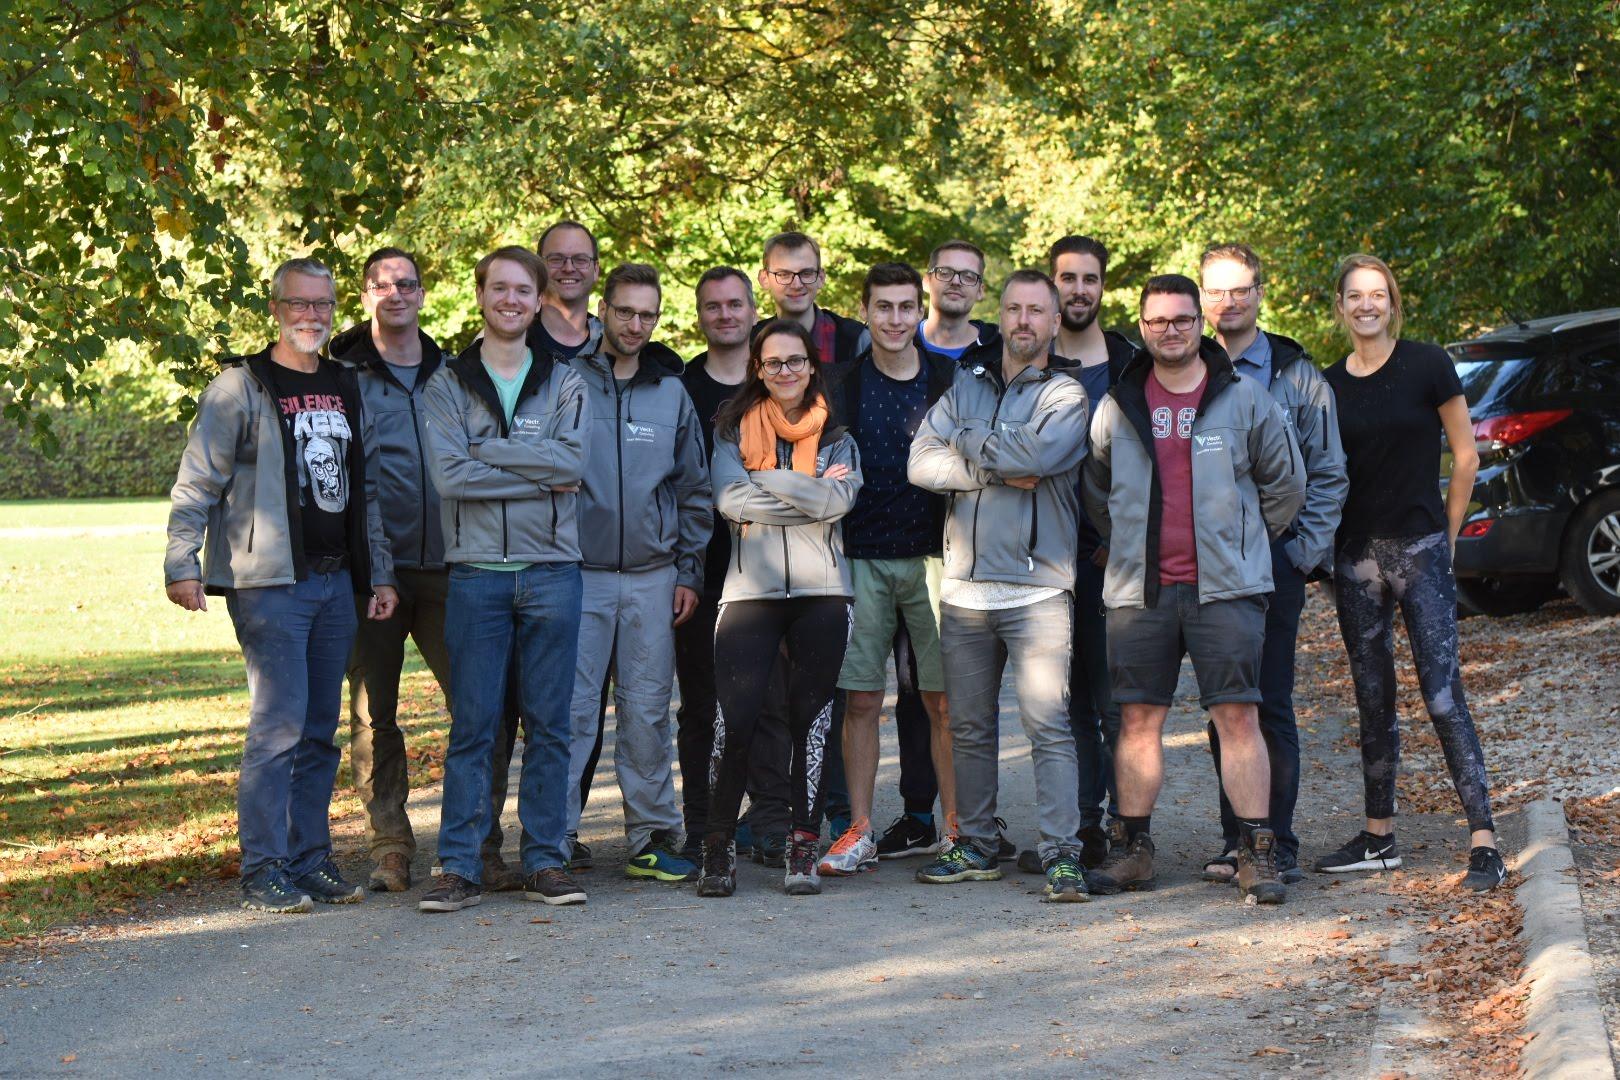 Teamfoto 2.jpg